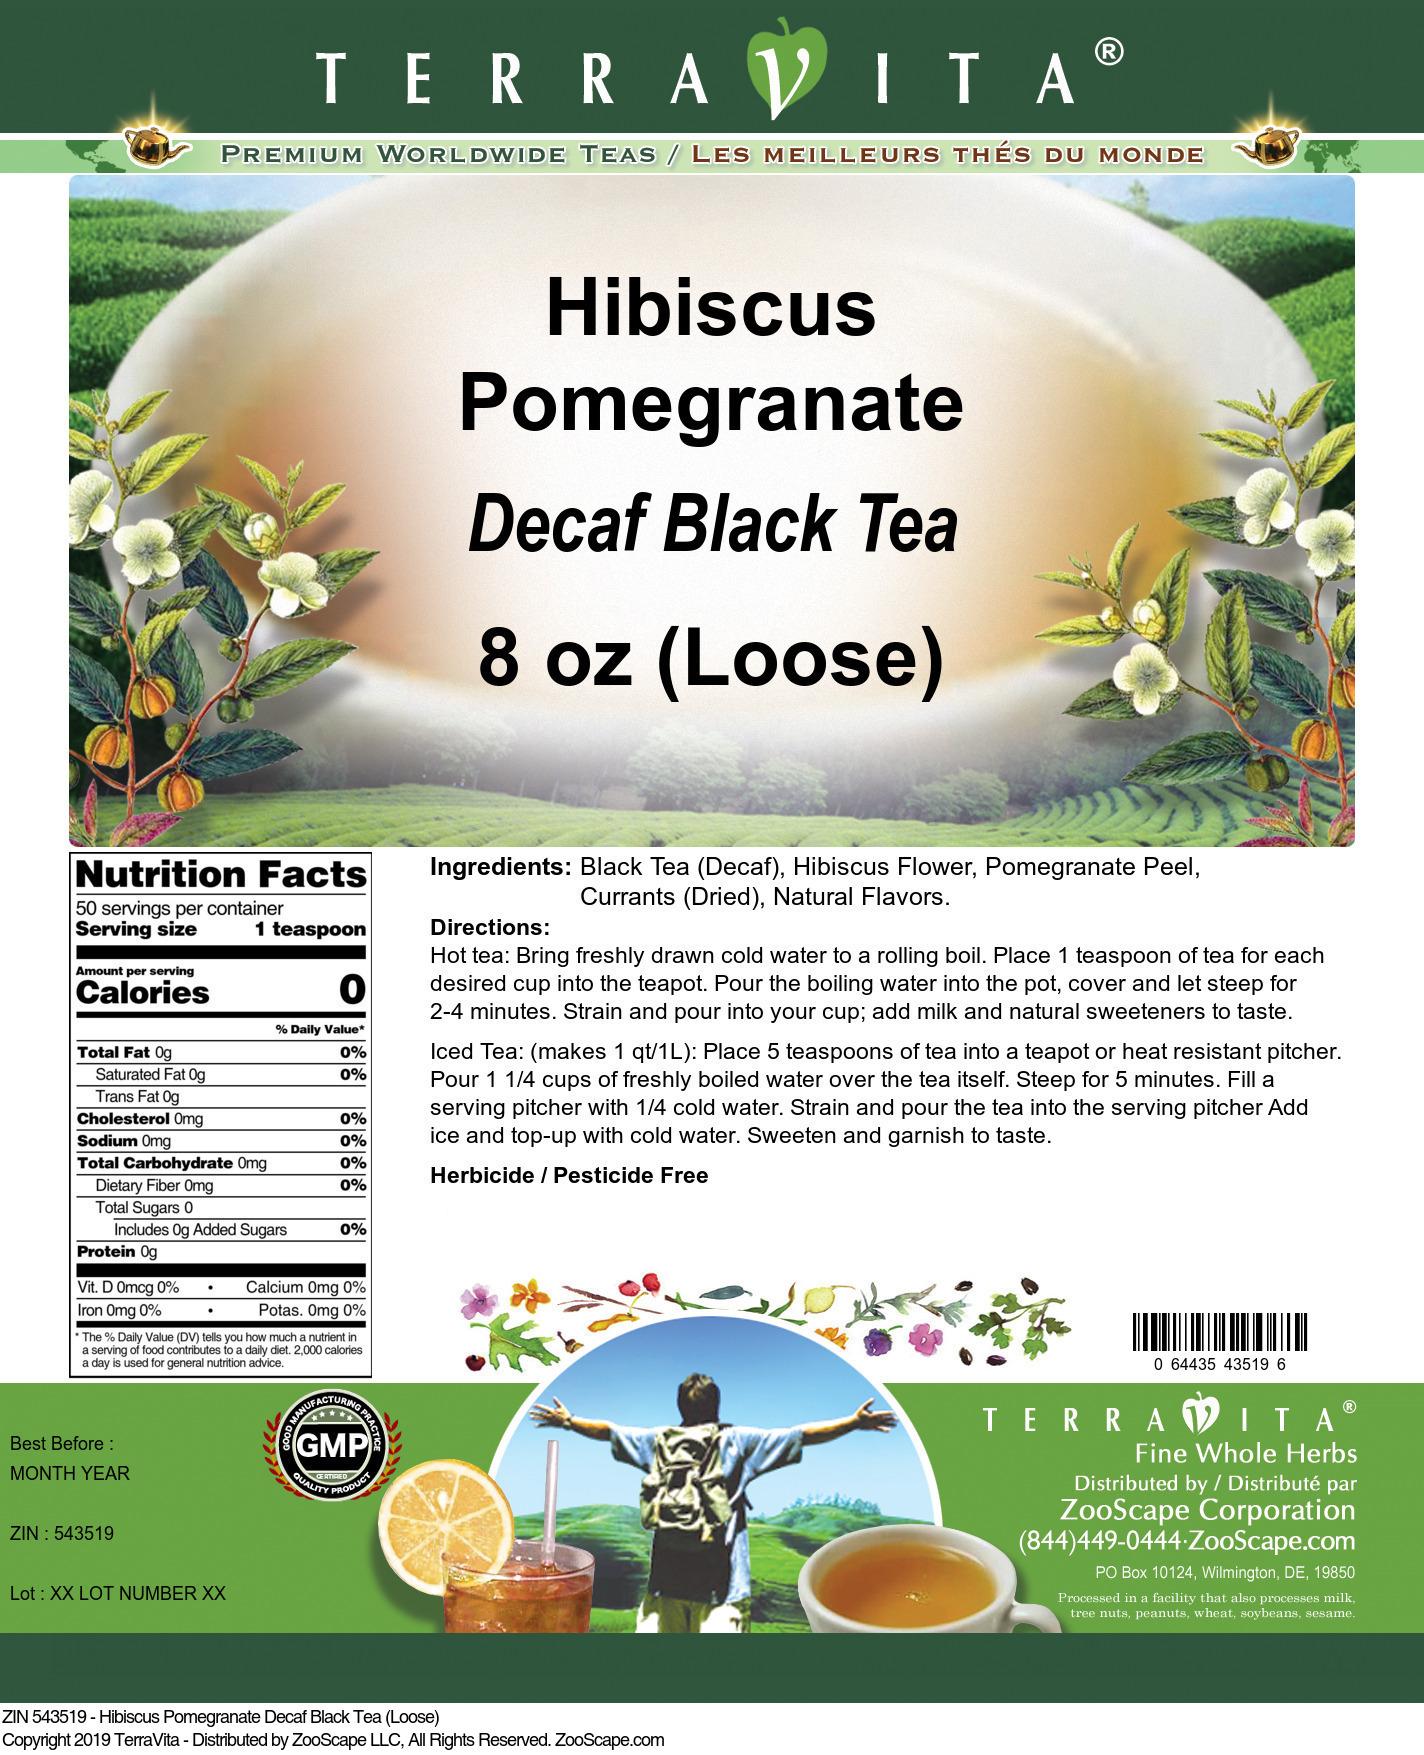 Hibiscus Pomegranate Decaf Black Tea